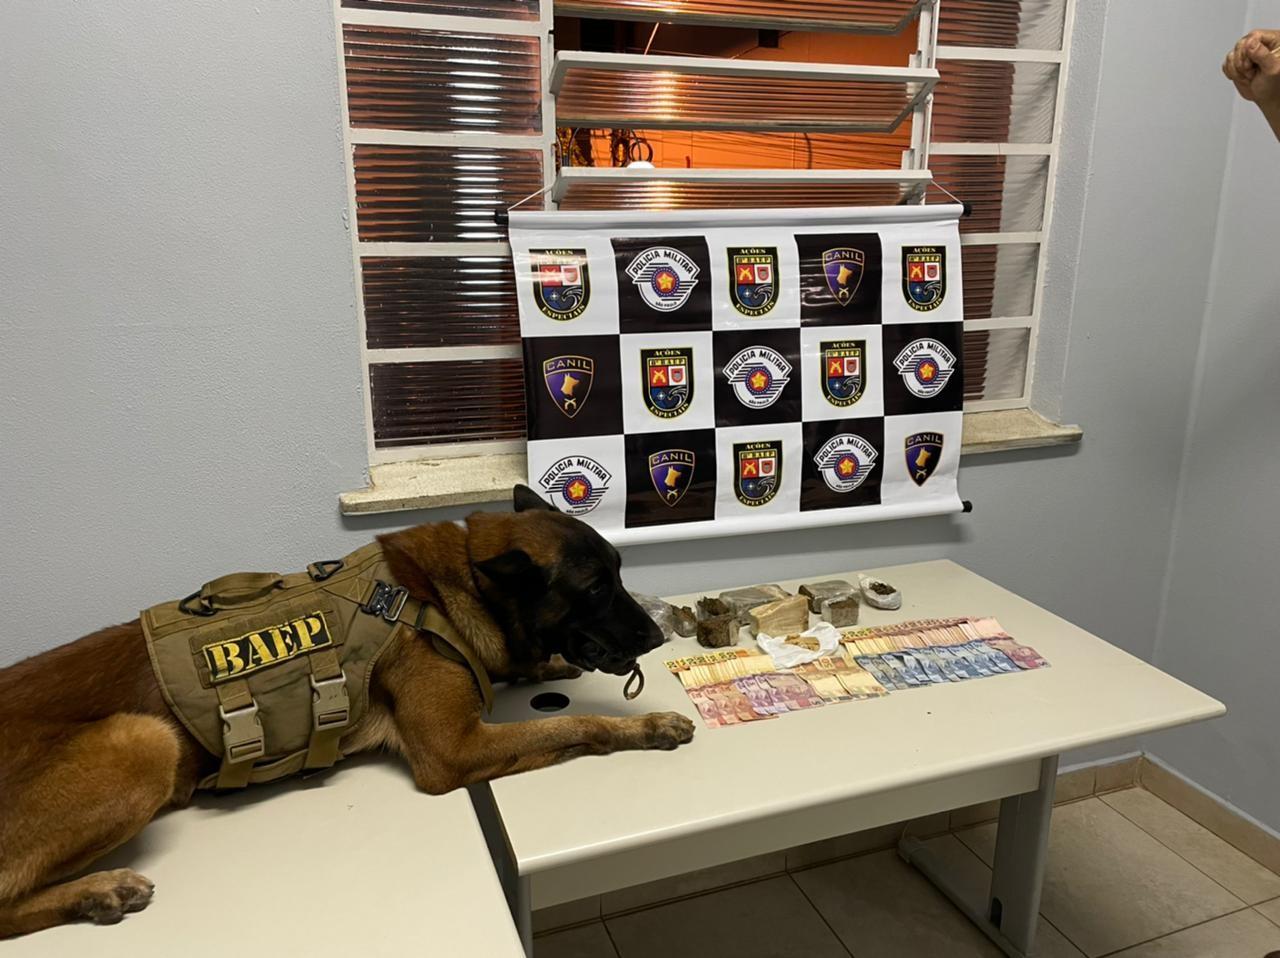 Com apoio de cão farejador, PM localiza drogas e detém adolescente de 13 anos e rapaz em Presidente Prudente; veja VÍDEO